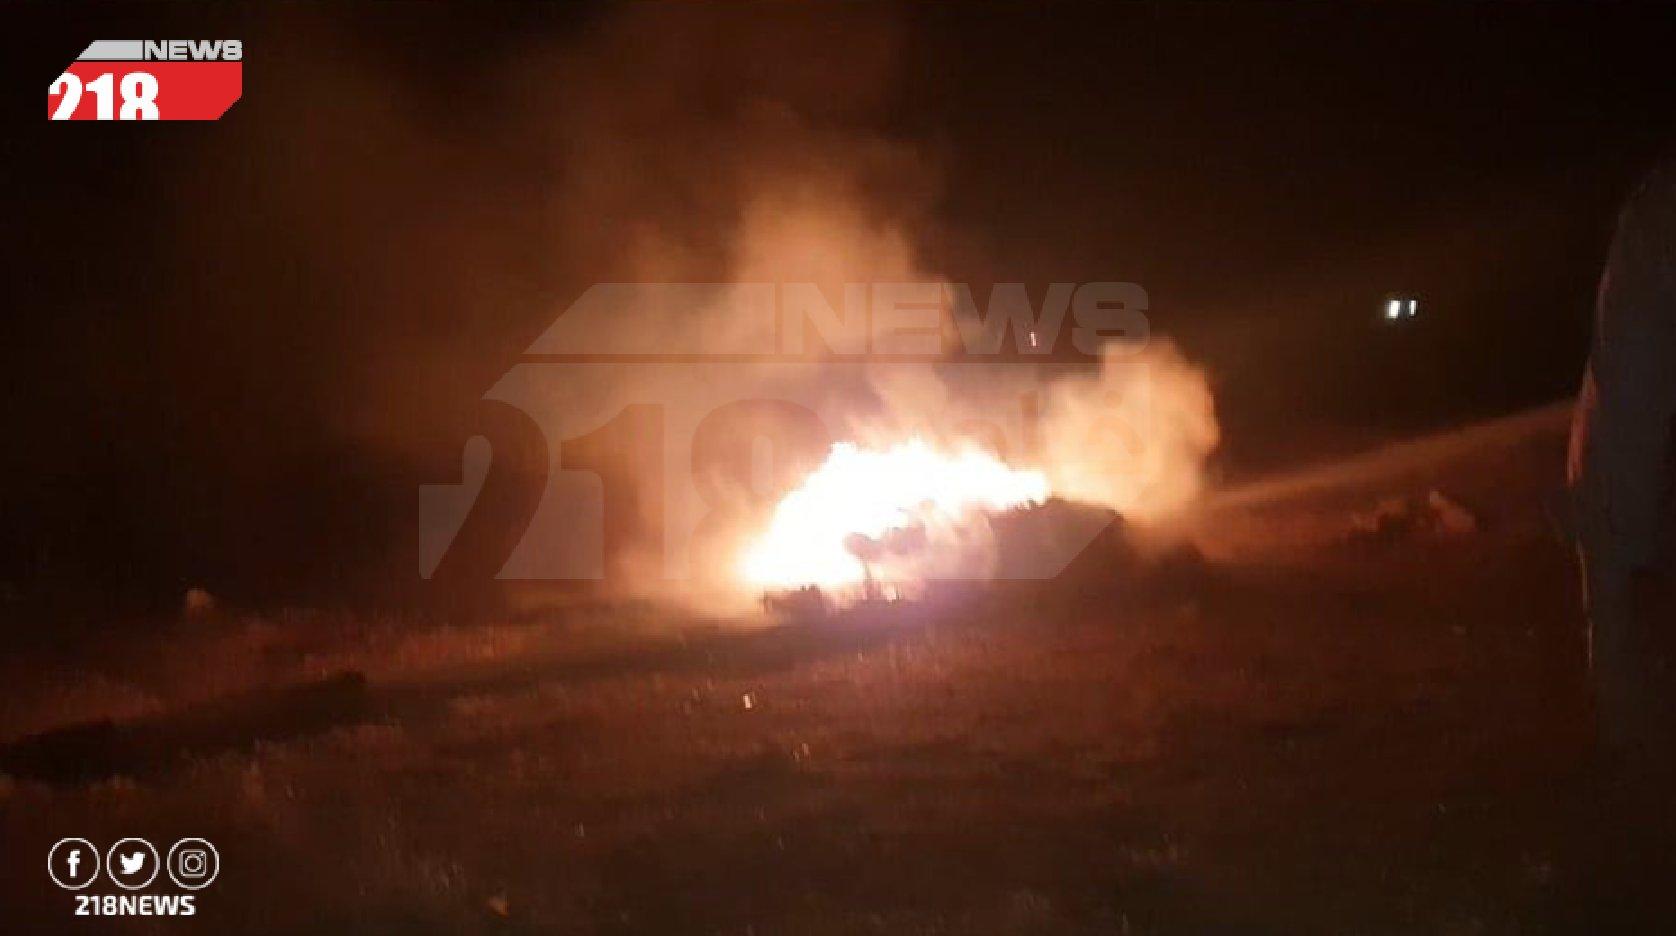 الجيش الليبي يسقط طائرتين تركيتين خلال 12 ساعة EYk6R9cWAAEcRh0?format=jpg&name=large